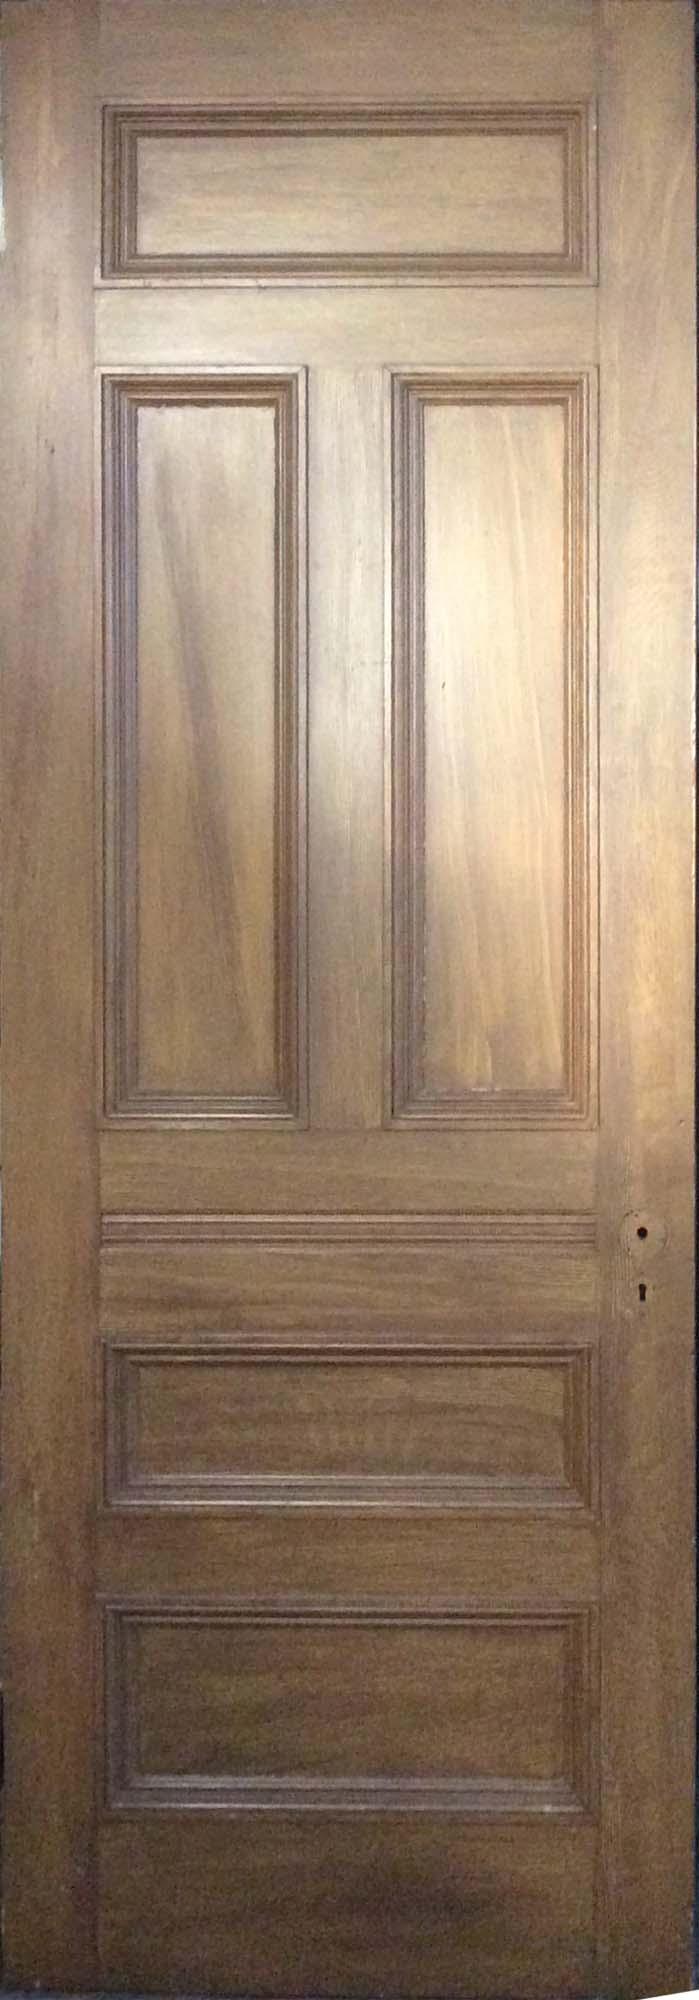 Victorian 5-Panel Door